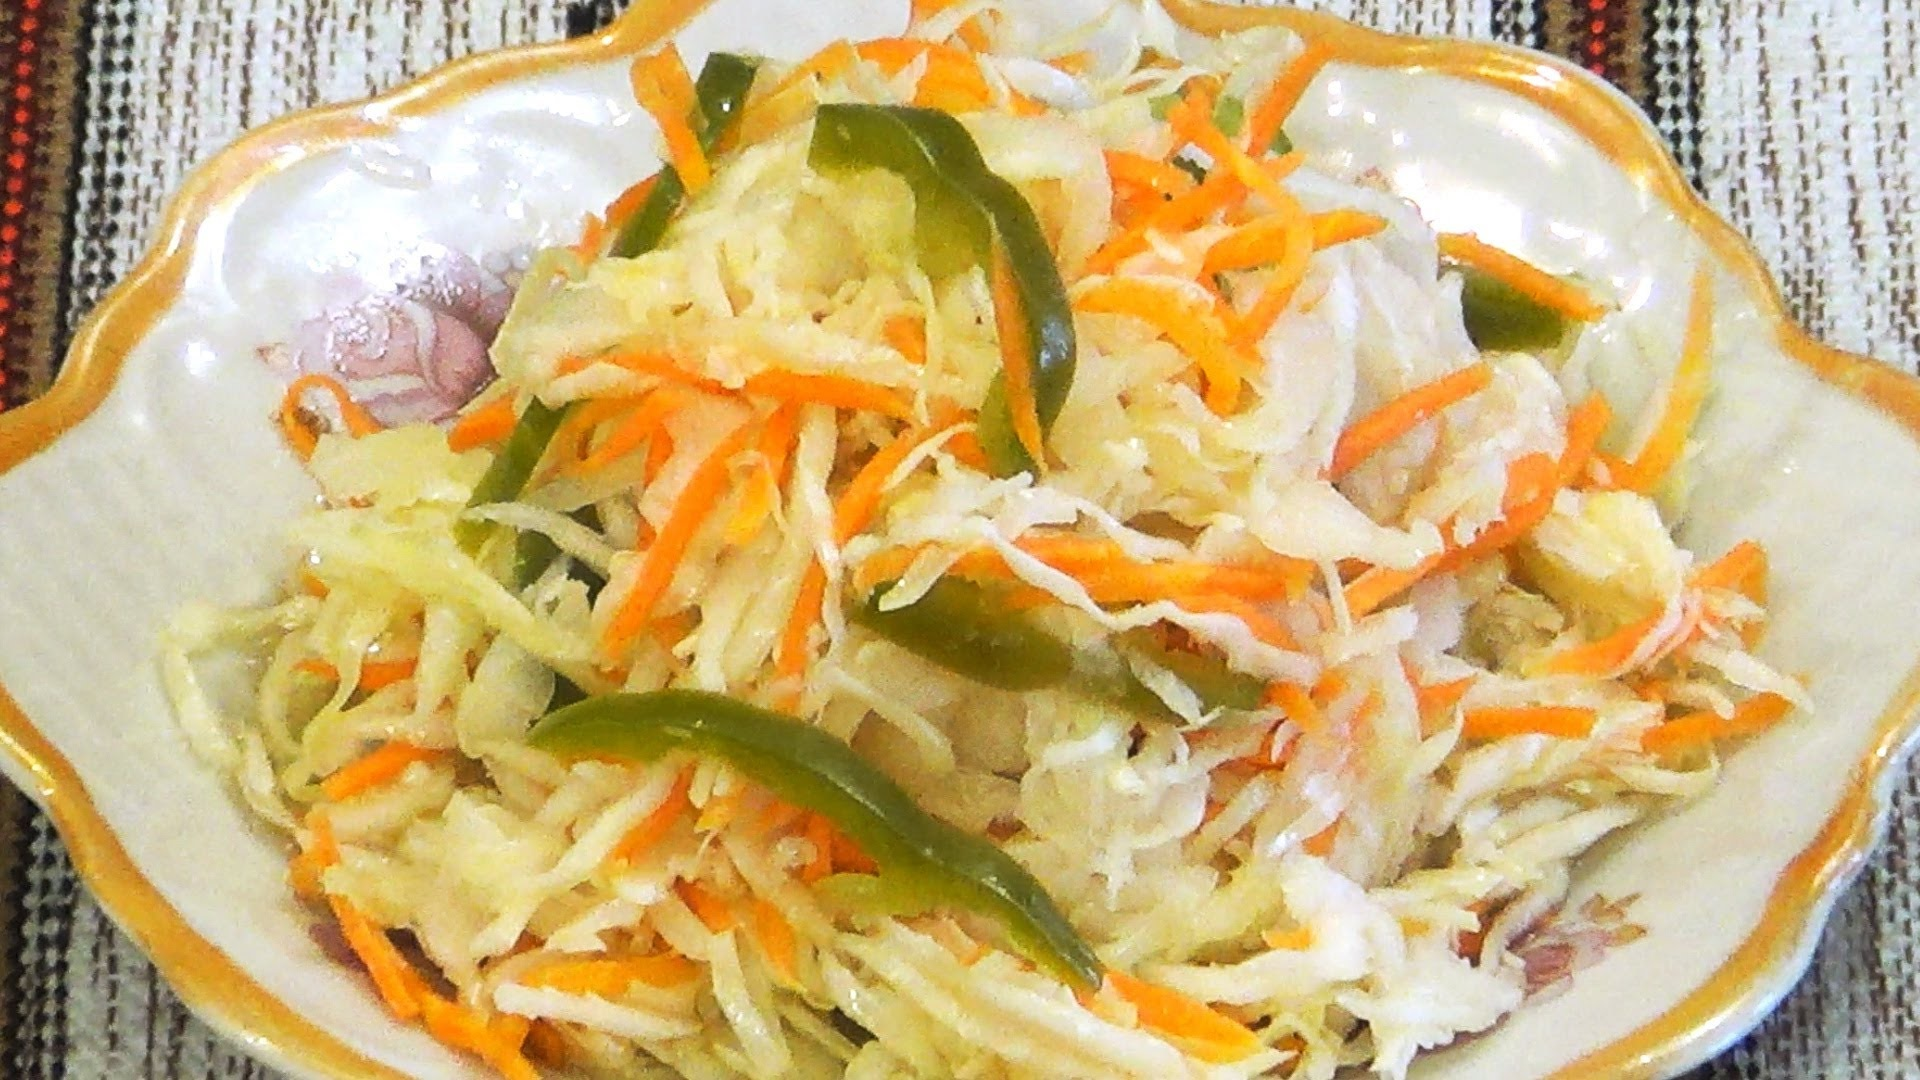 вкусные рецепты, маринованная капуста, соль, чеснок, уксус